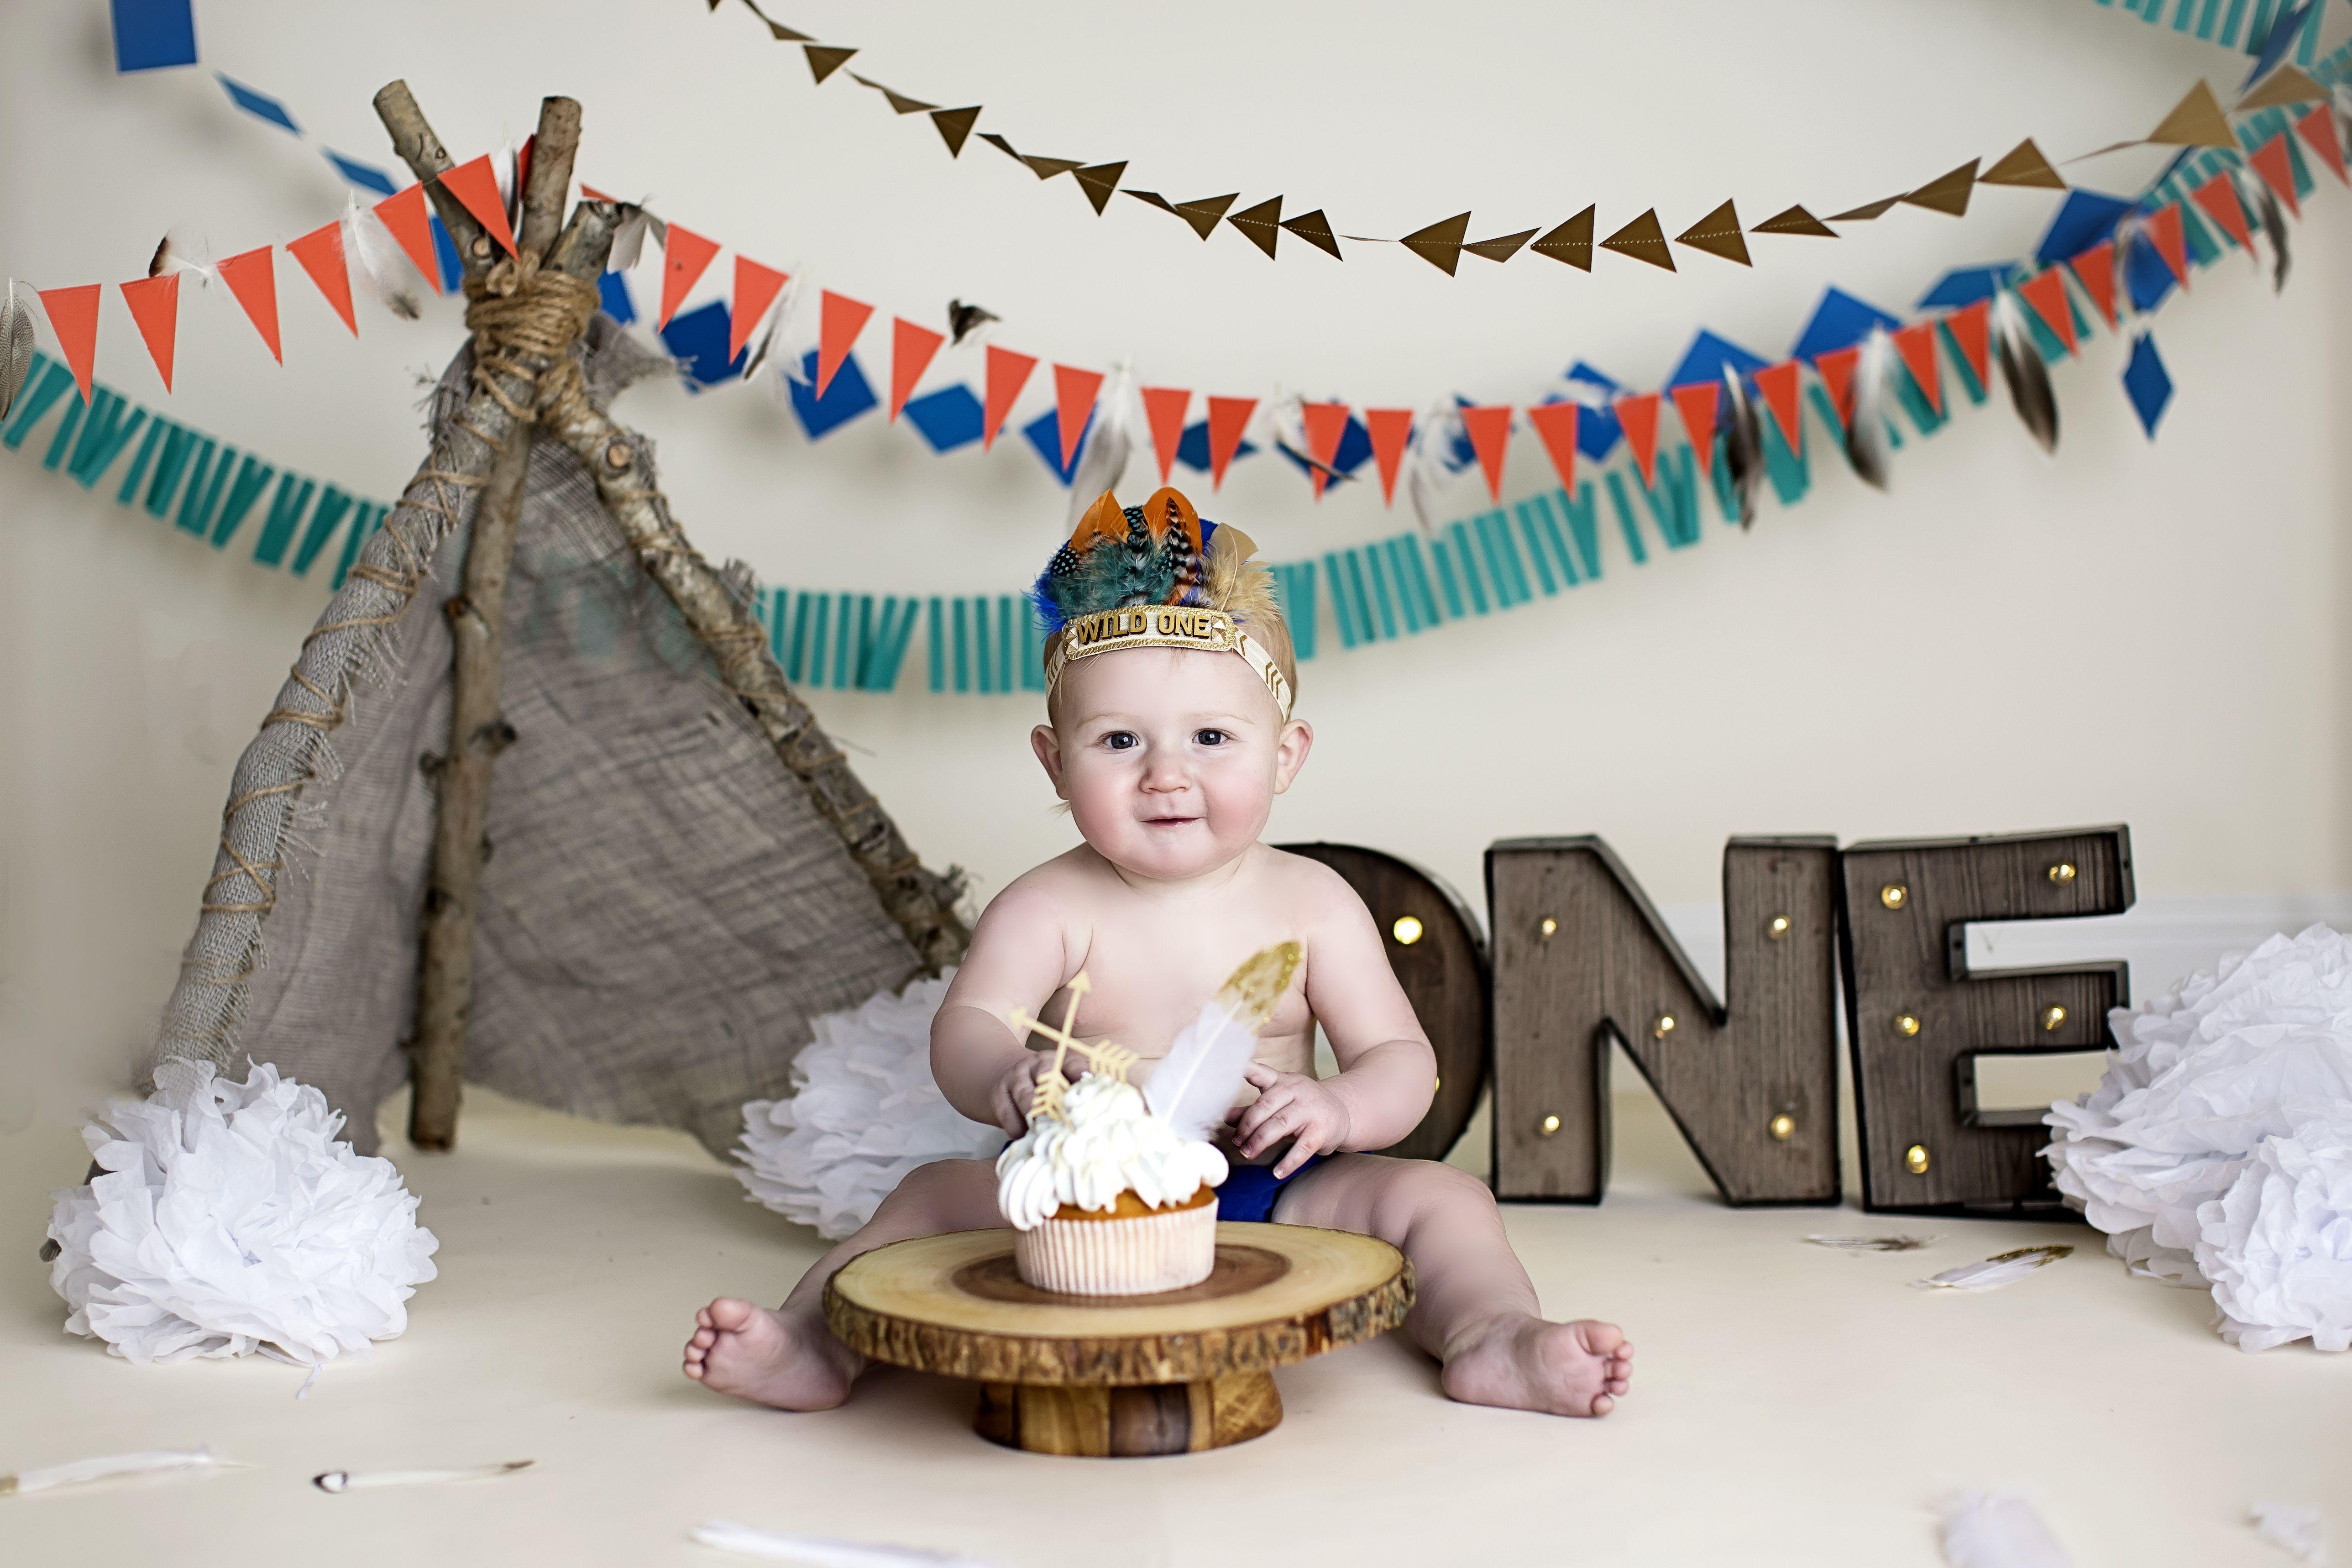 Southwest Cake Smash One Year Boy Photo Shoot Cake Smash Southwest Teepee Indian Fe Baby Boy Birthday Themes Boy Birthday Parties Indian Birthday Parties